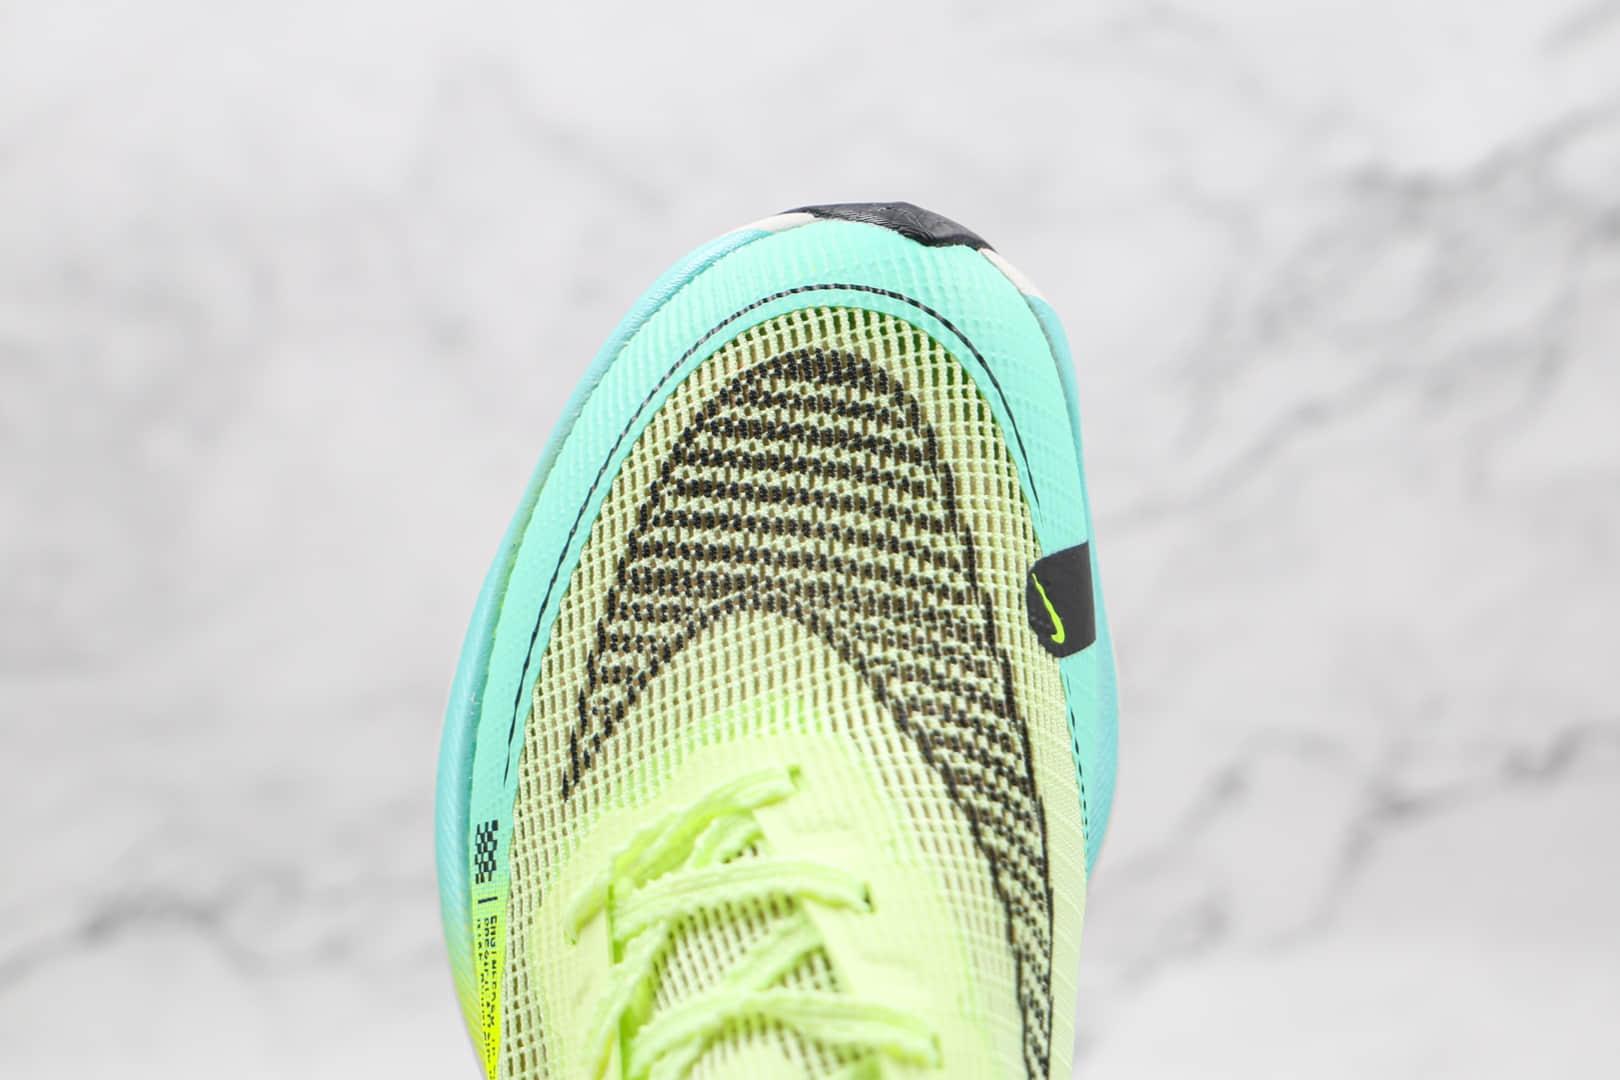 耐克Nike Air Zoom Alphafly NEXT%纯原版本马拉松黄绿色网面跑步鞋原楦头纸板打造 货号:CU4123-700